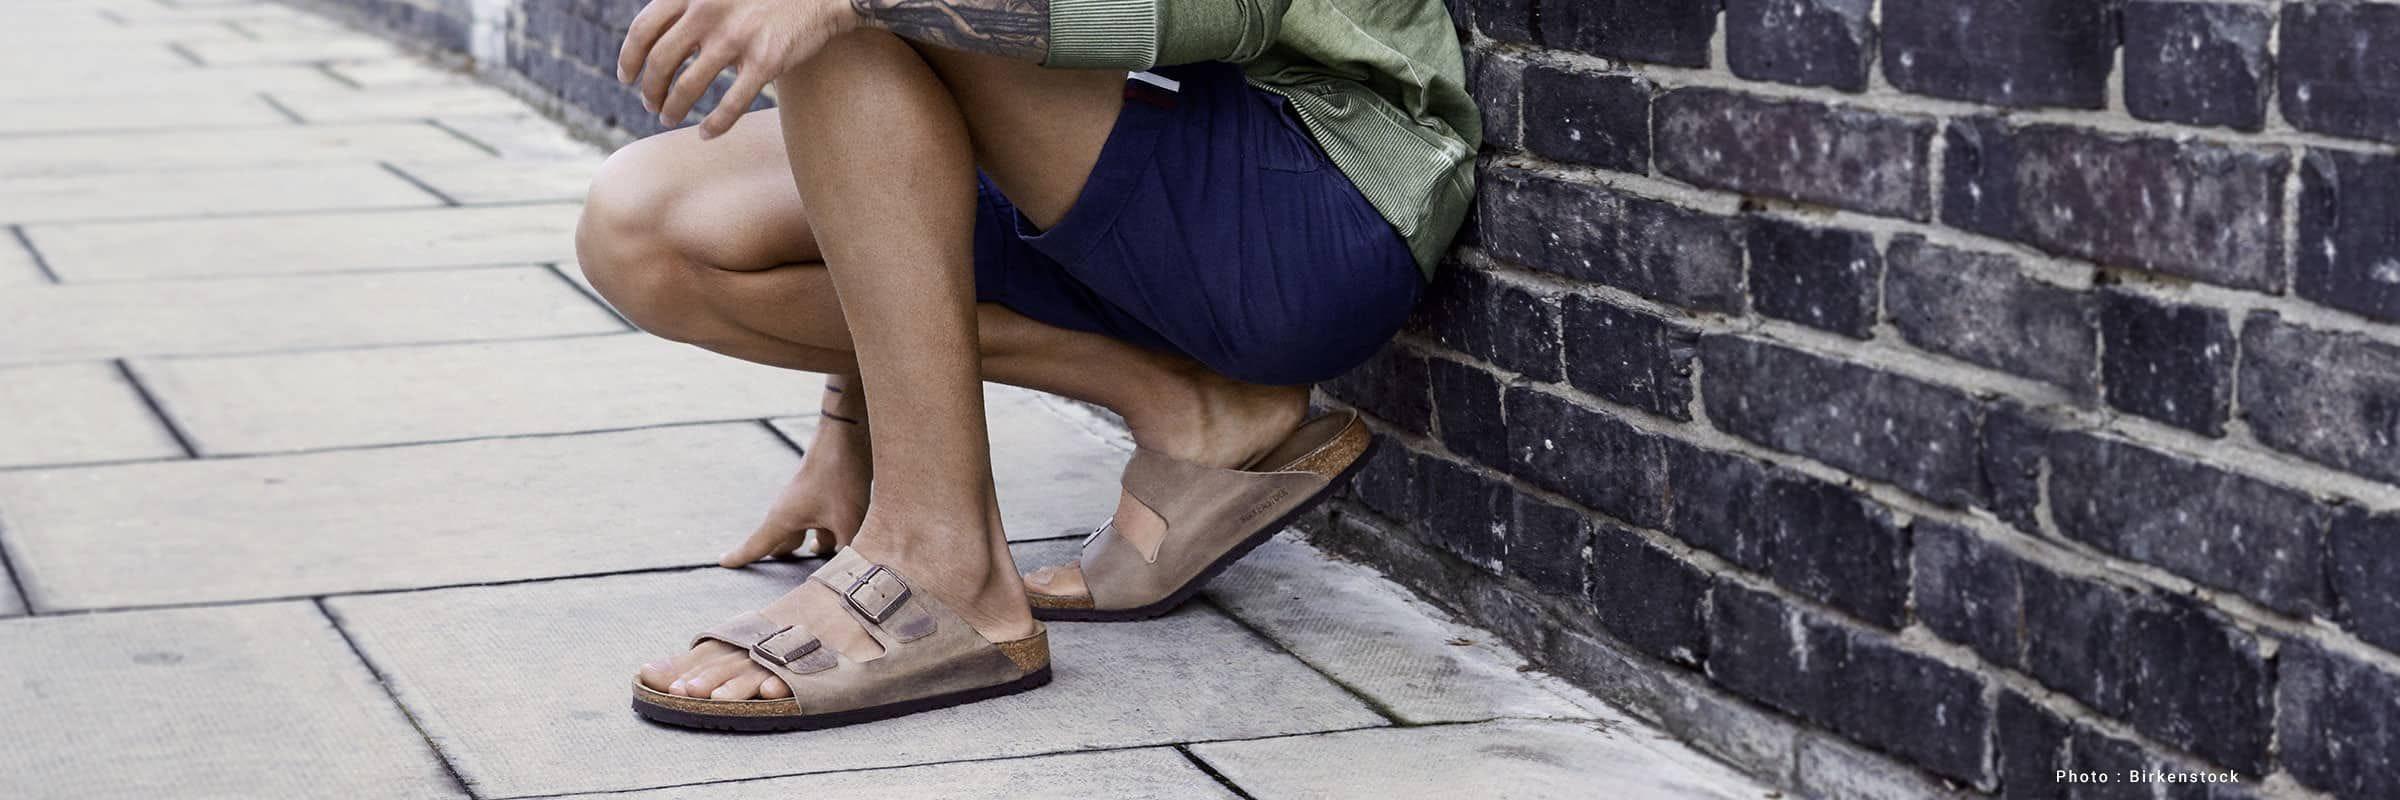 Birkenstock Chaco Keen Lowa Merrell Reef Top Men S Sandals For